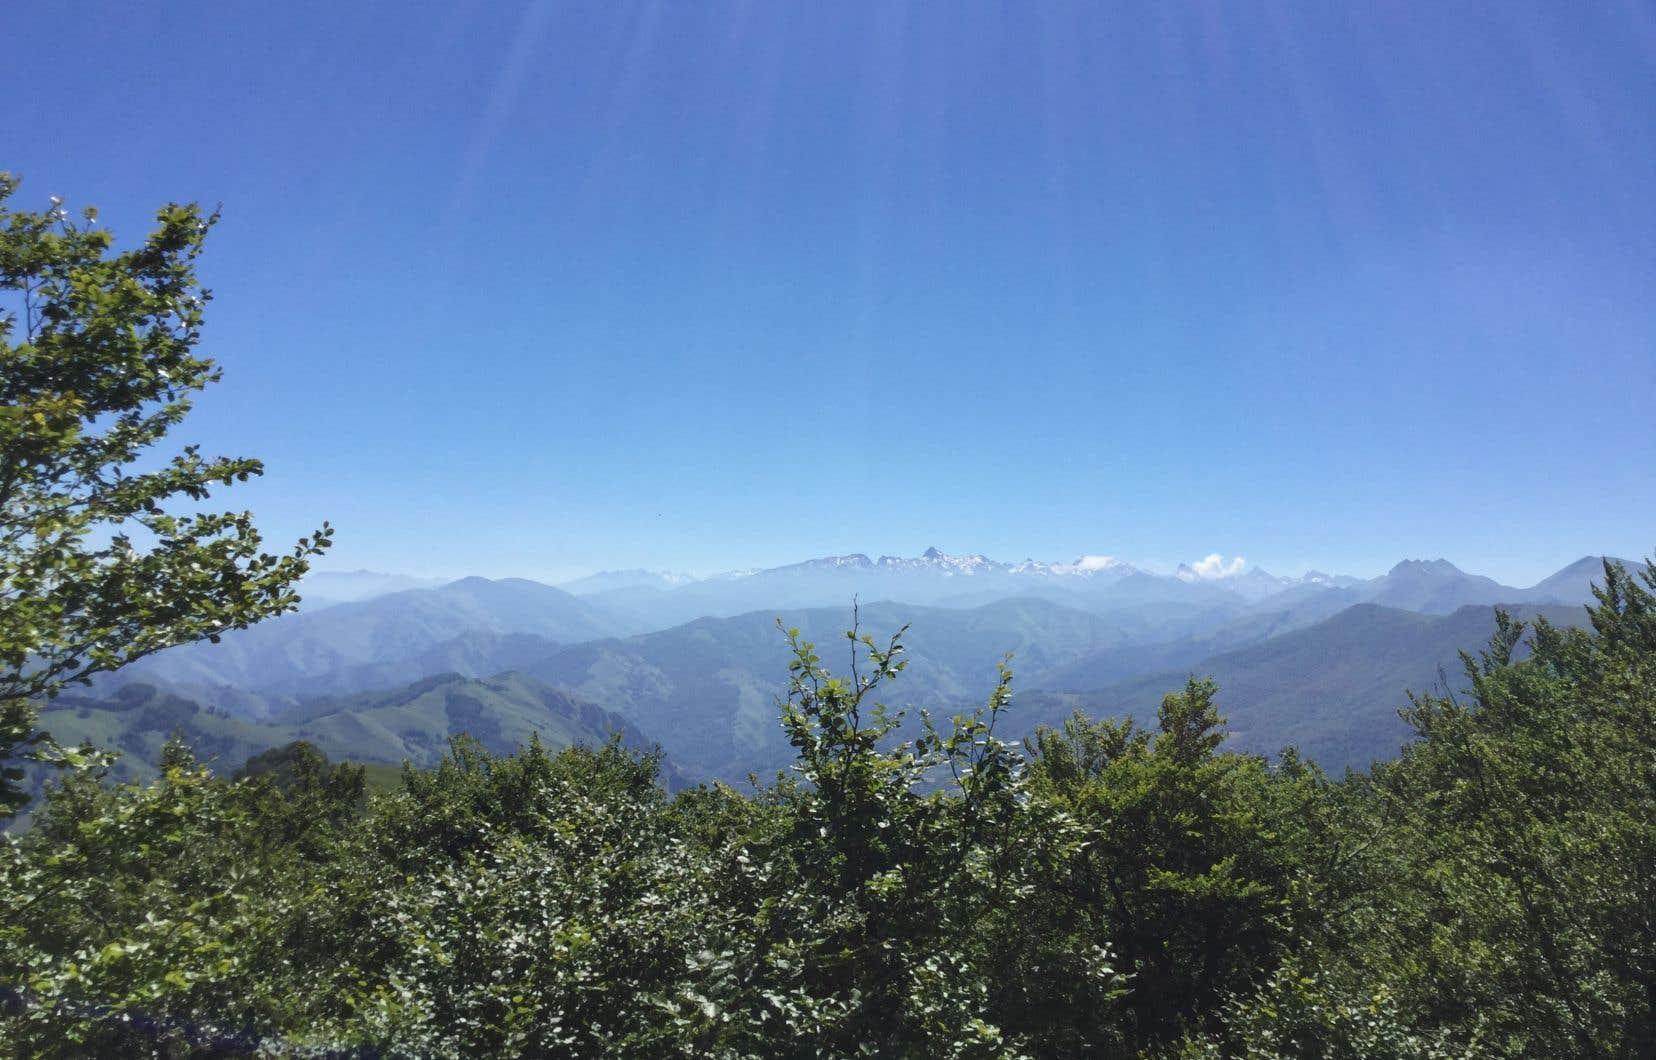 Les hautes Pyrénées et leurs neiges éternelles.